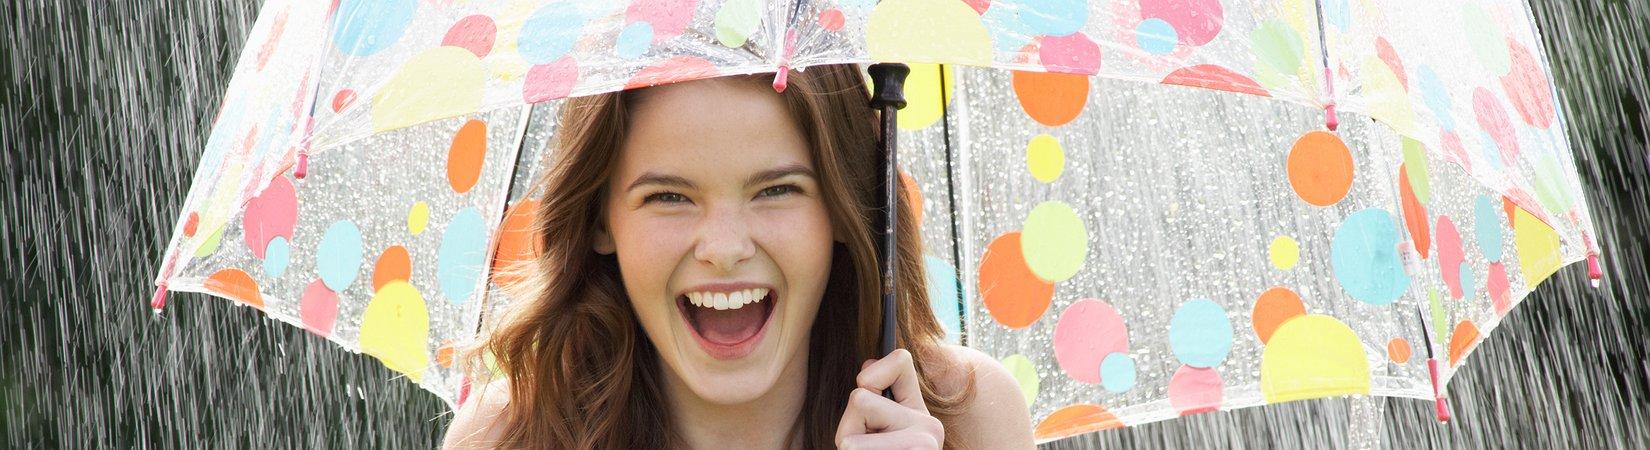 25 Regeln zum glücklich sein